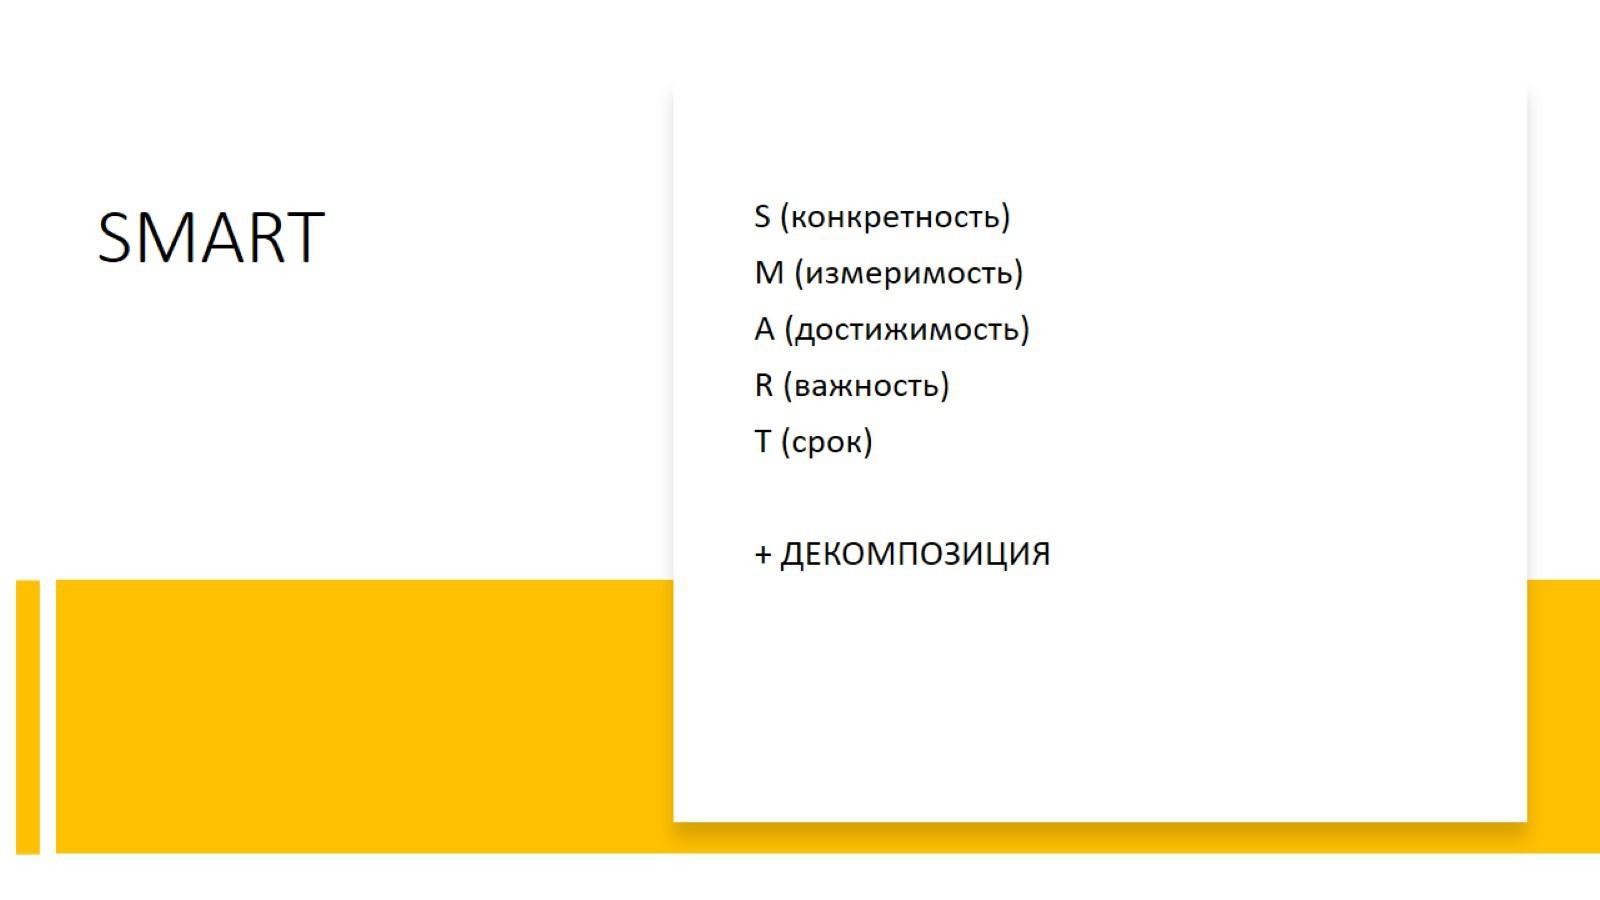 http://info.totis.ua/images/post-shriner-5.jpg